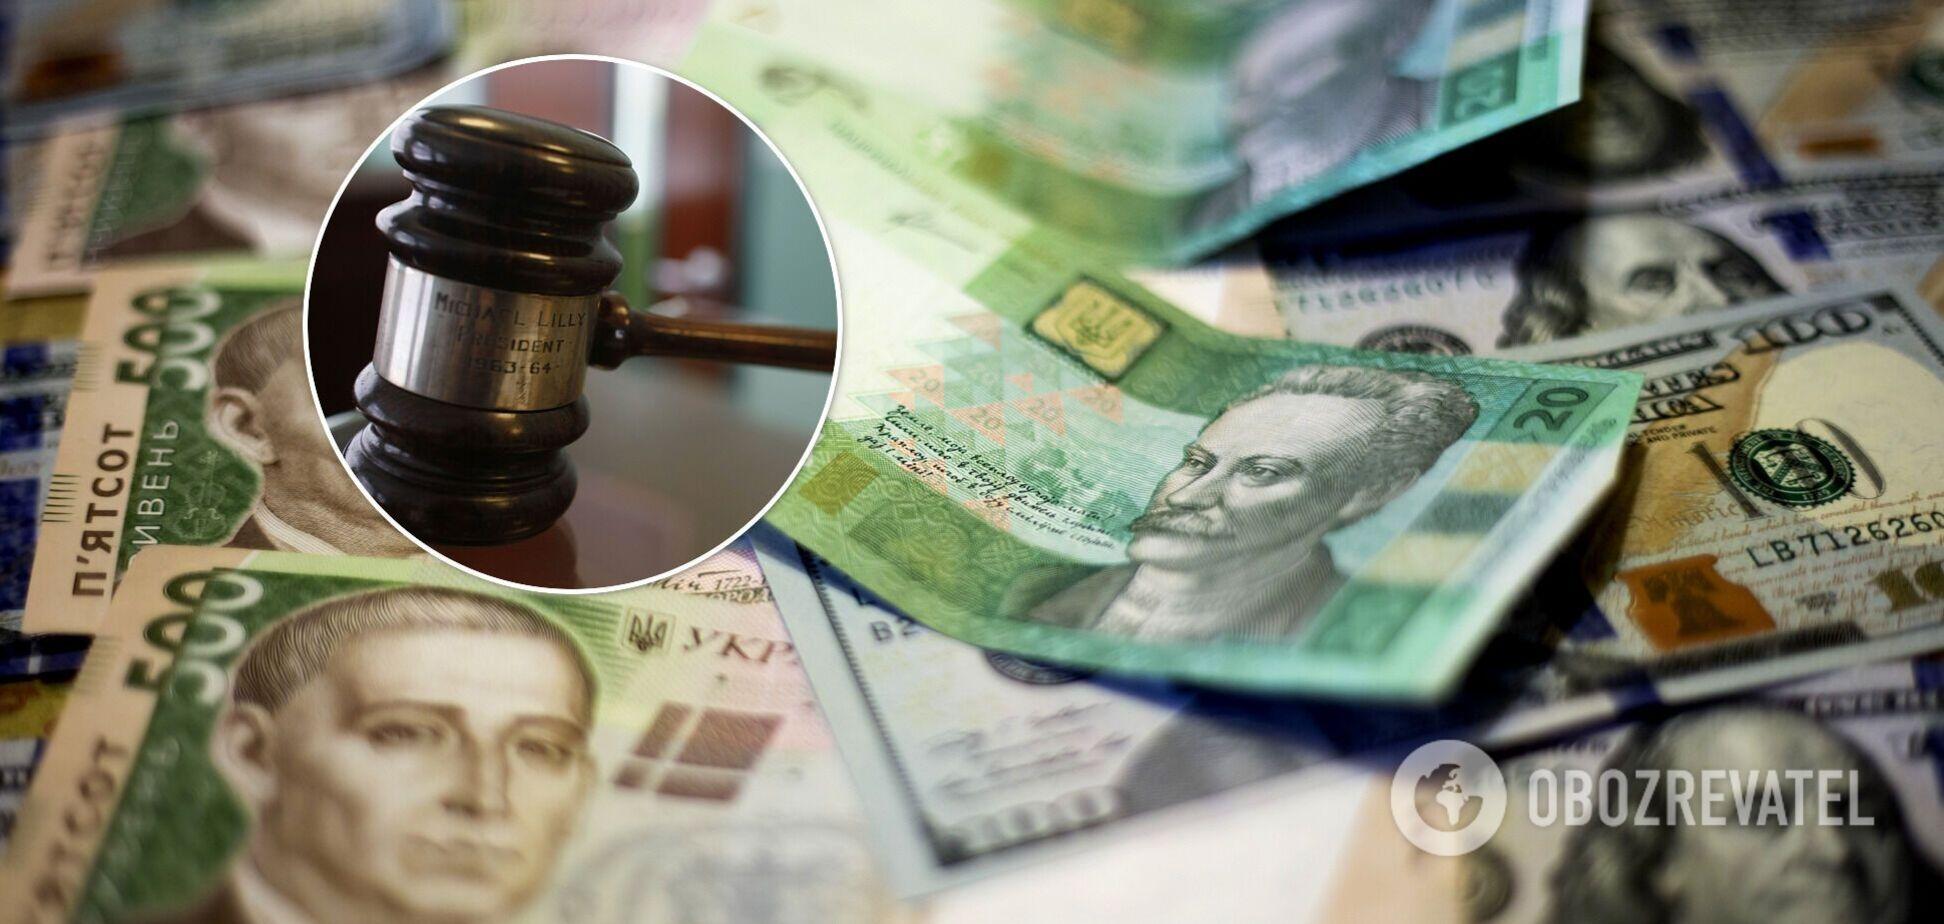 Экс-глава украинского банка 'увел' почти 500 млн грн через схемы: его будут судить